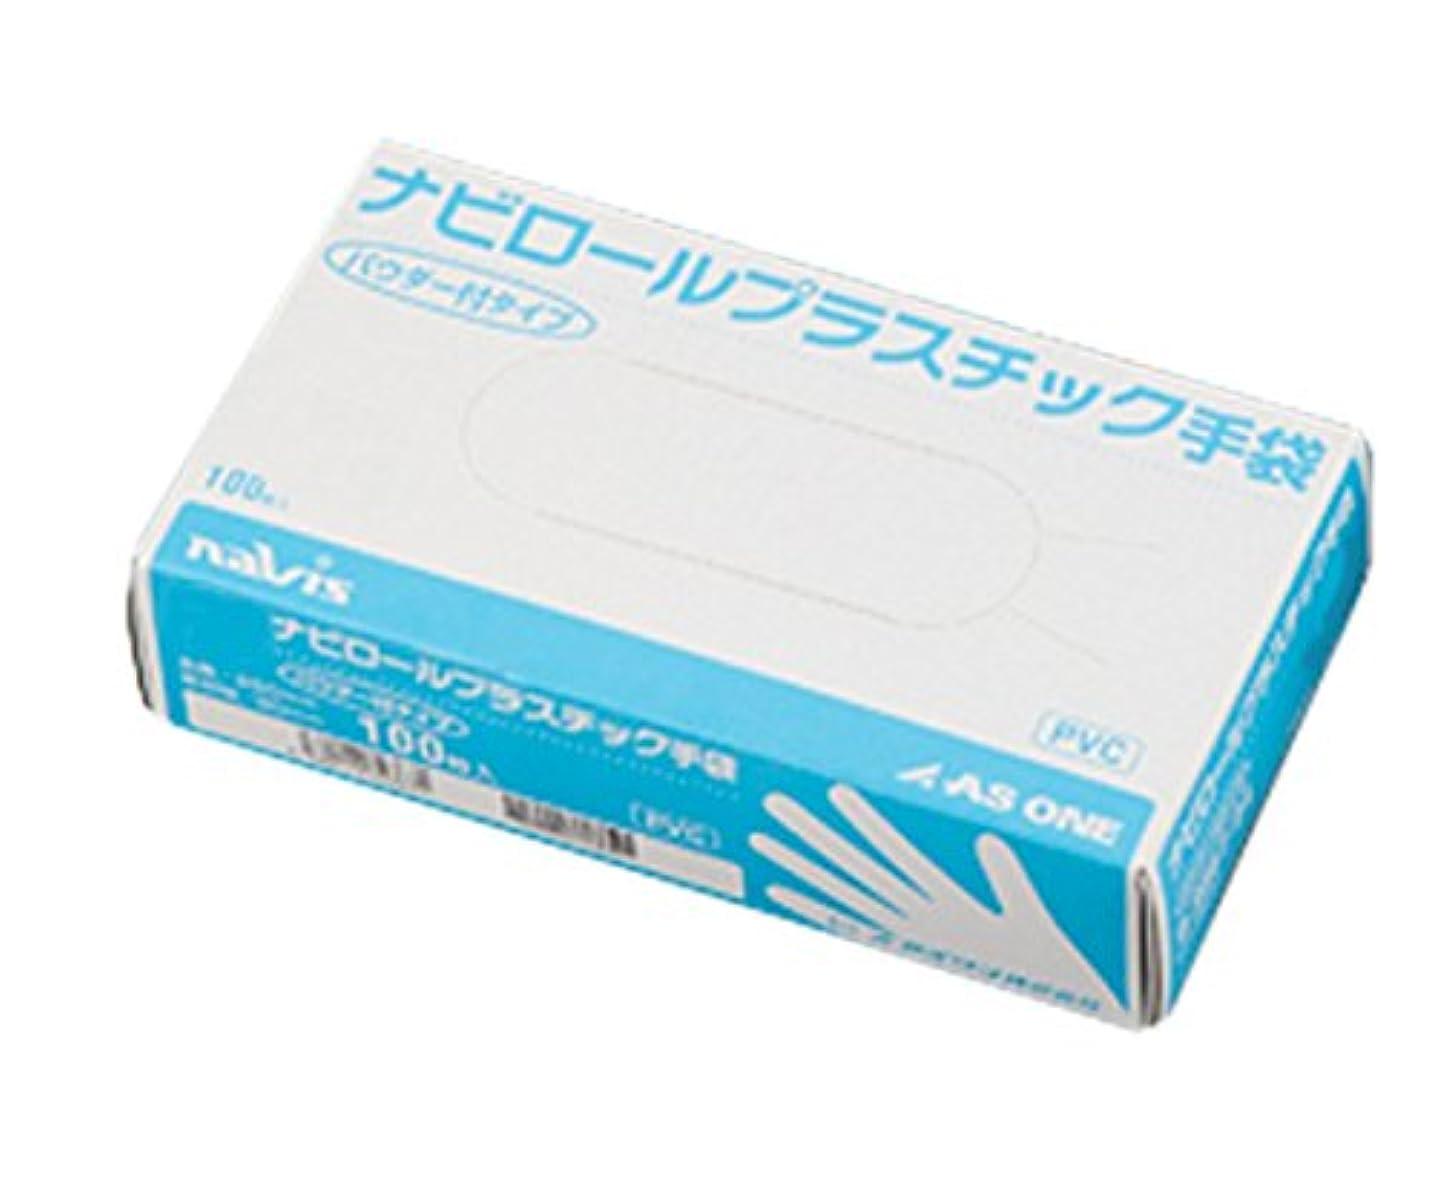 ブルーベル世界的に原因アズワン ナビロールプラスチック手袋(パウダー付き) L 100枚入 /0-9867-01